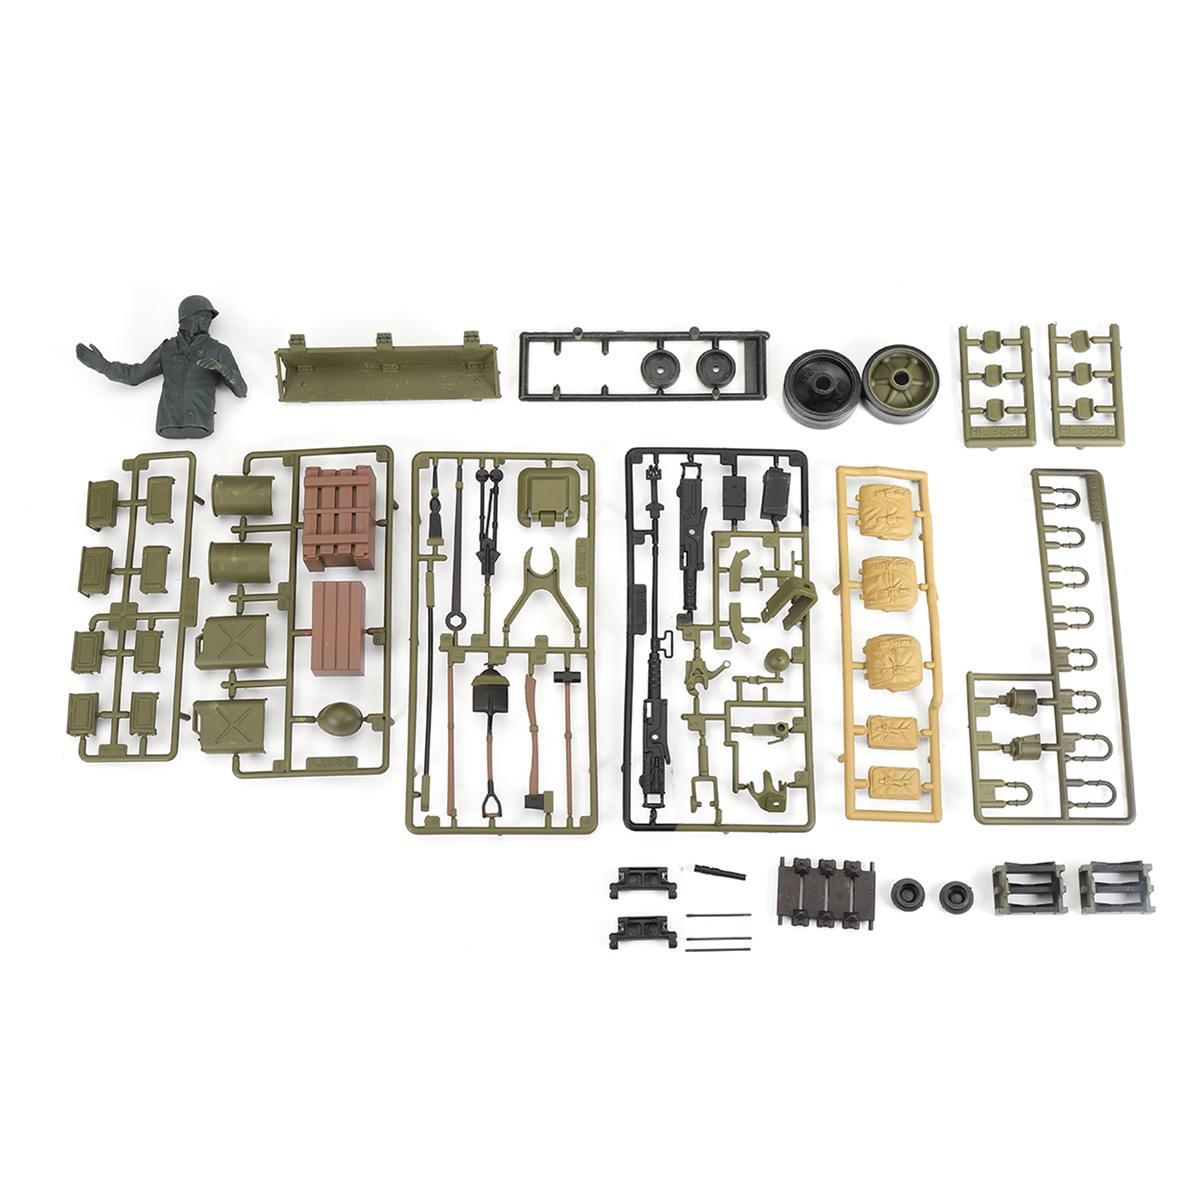 """1/16 בקנה מידה חלקי תיק פלסטיק אביזרי עבור HengLong M4A3 ארה""""ב שרמן 3898 חלק RC טנק דגם"""